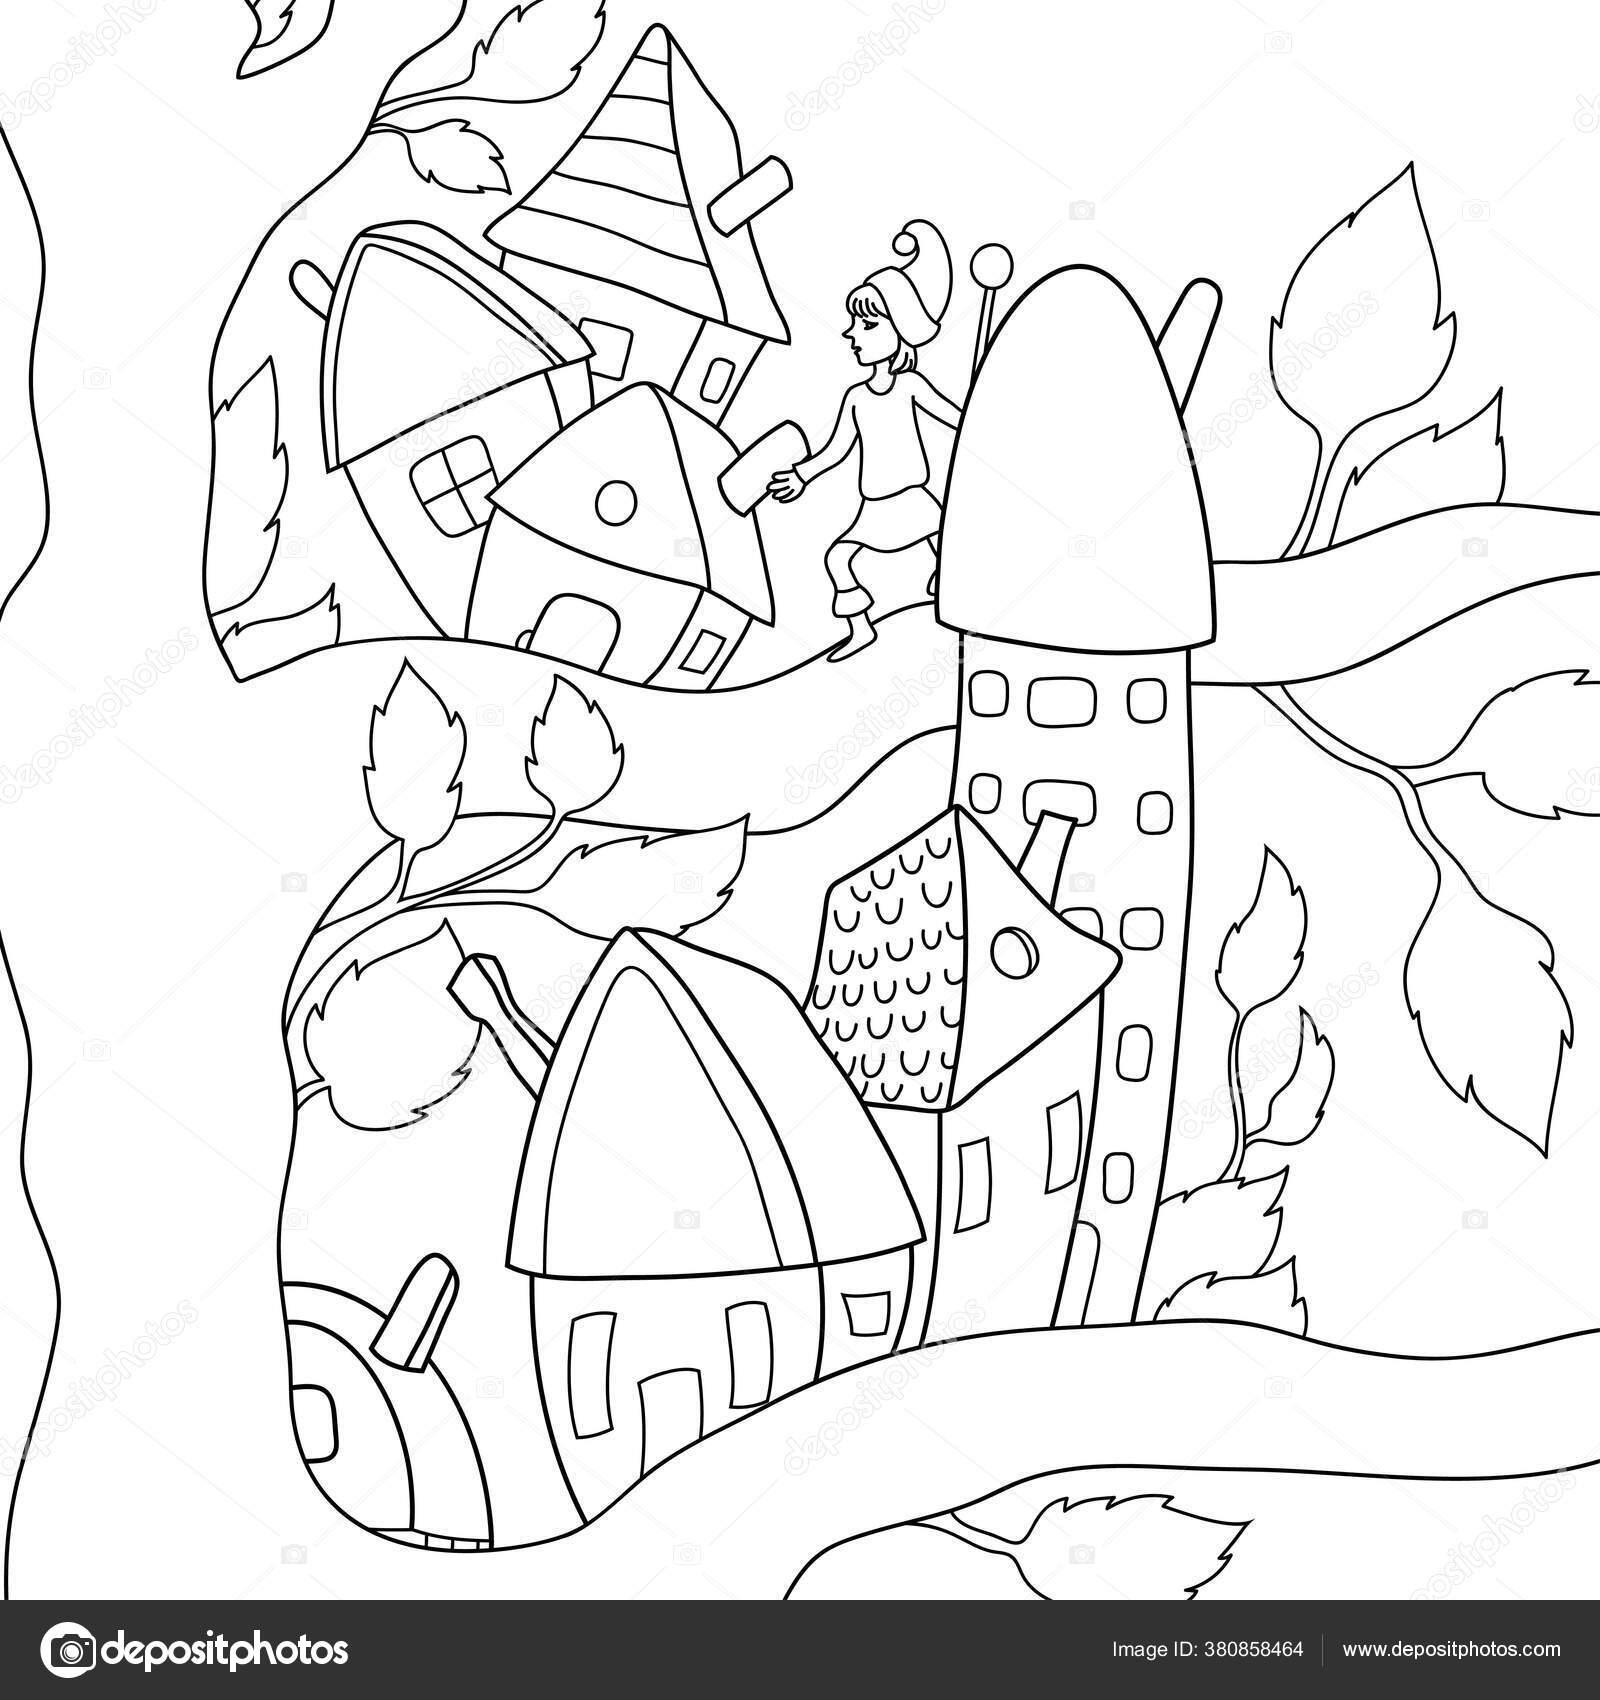 Sebuah Gnome Kartun Lucu Pohon Dengan Rumah Gambar Untuk Relaxing Stok Vektor C Nonuzza 380858464